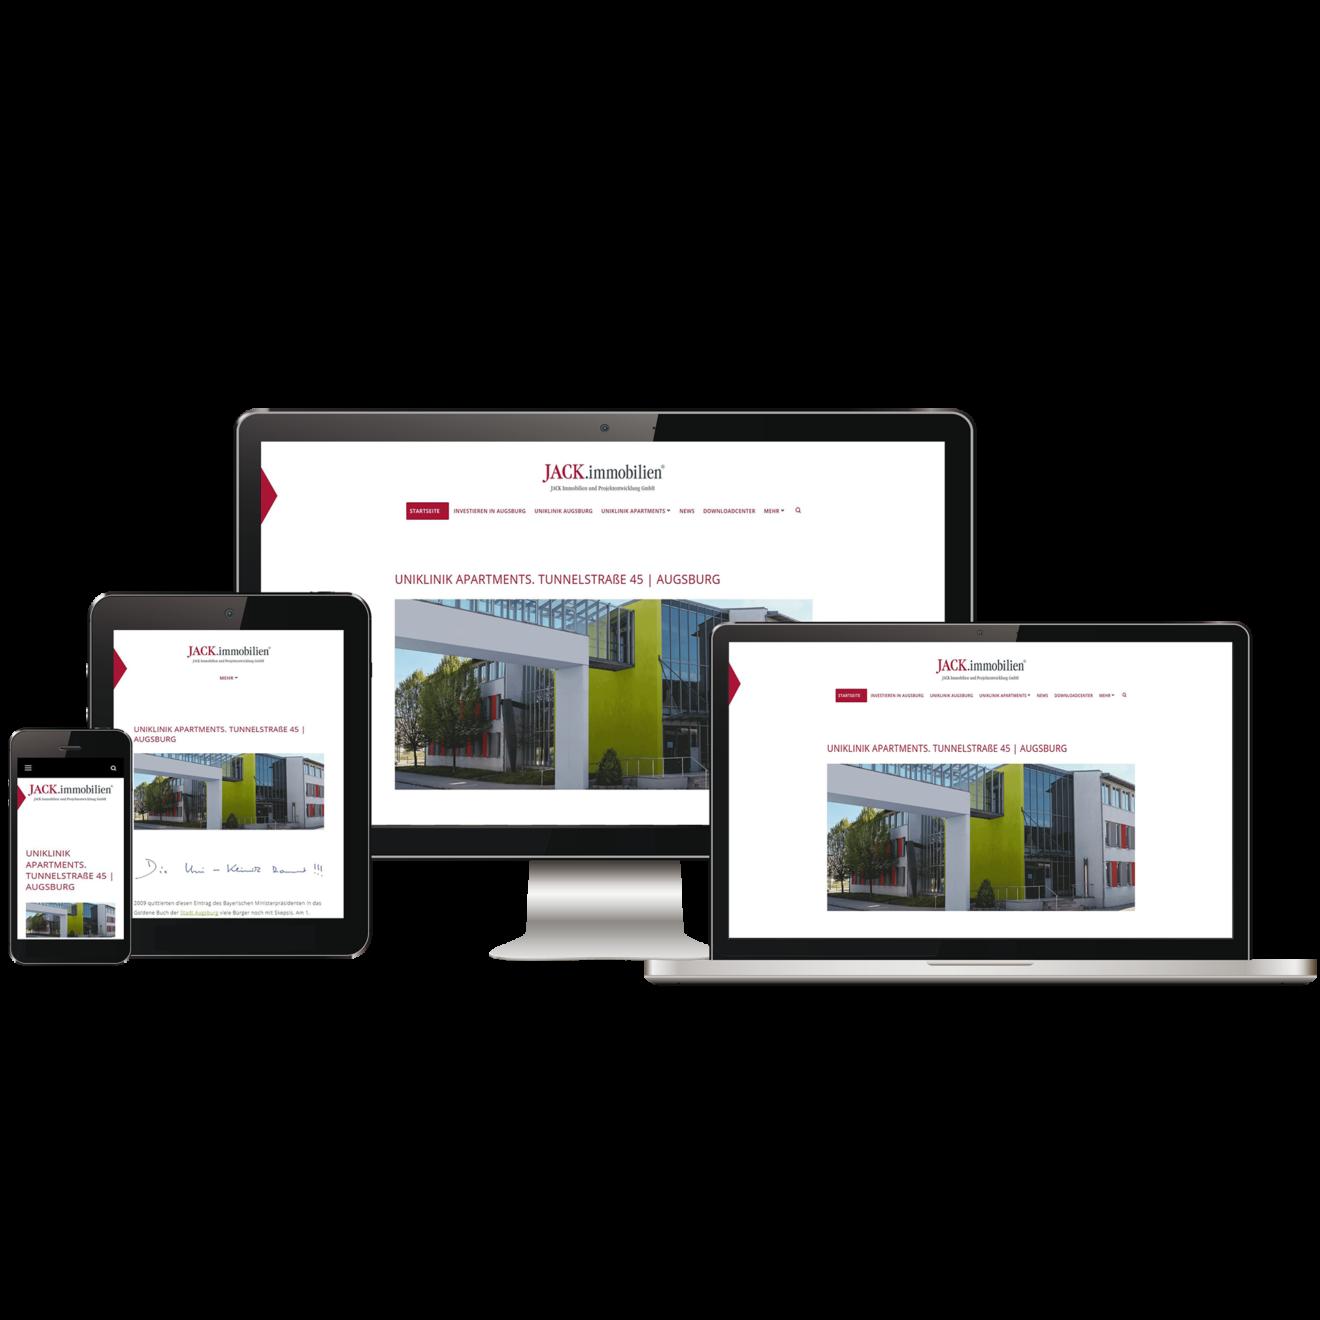 Projektwebsite - Ansicht auf verschiedenen Medien